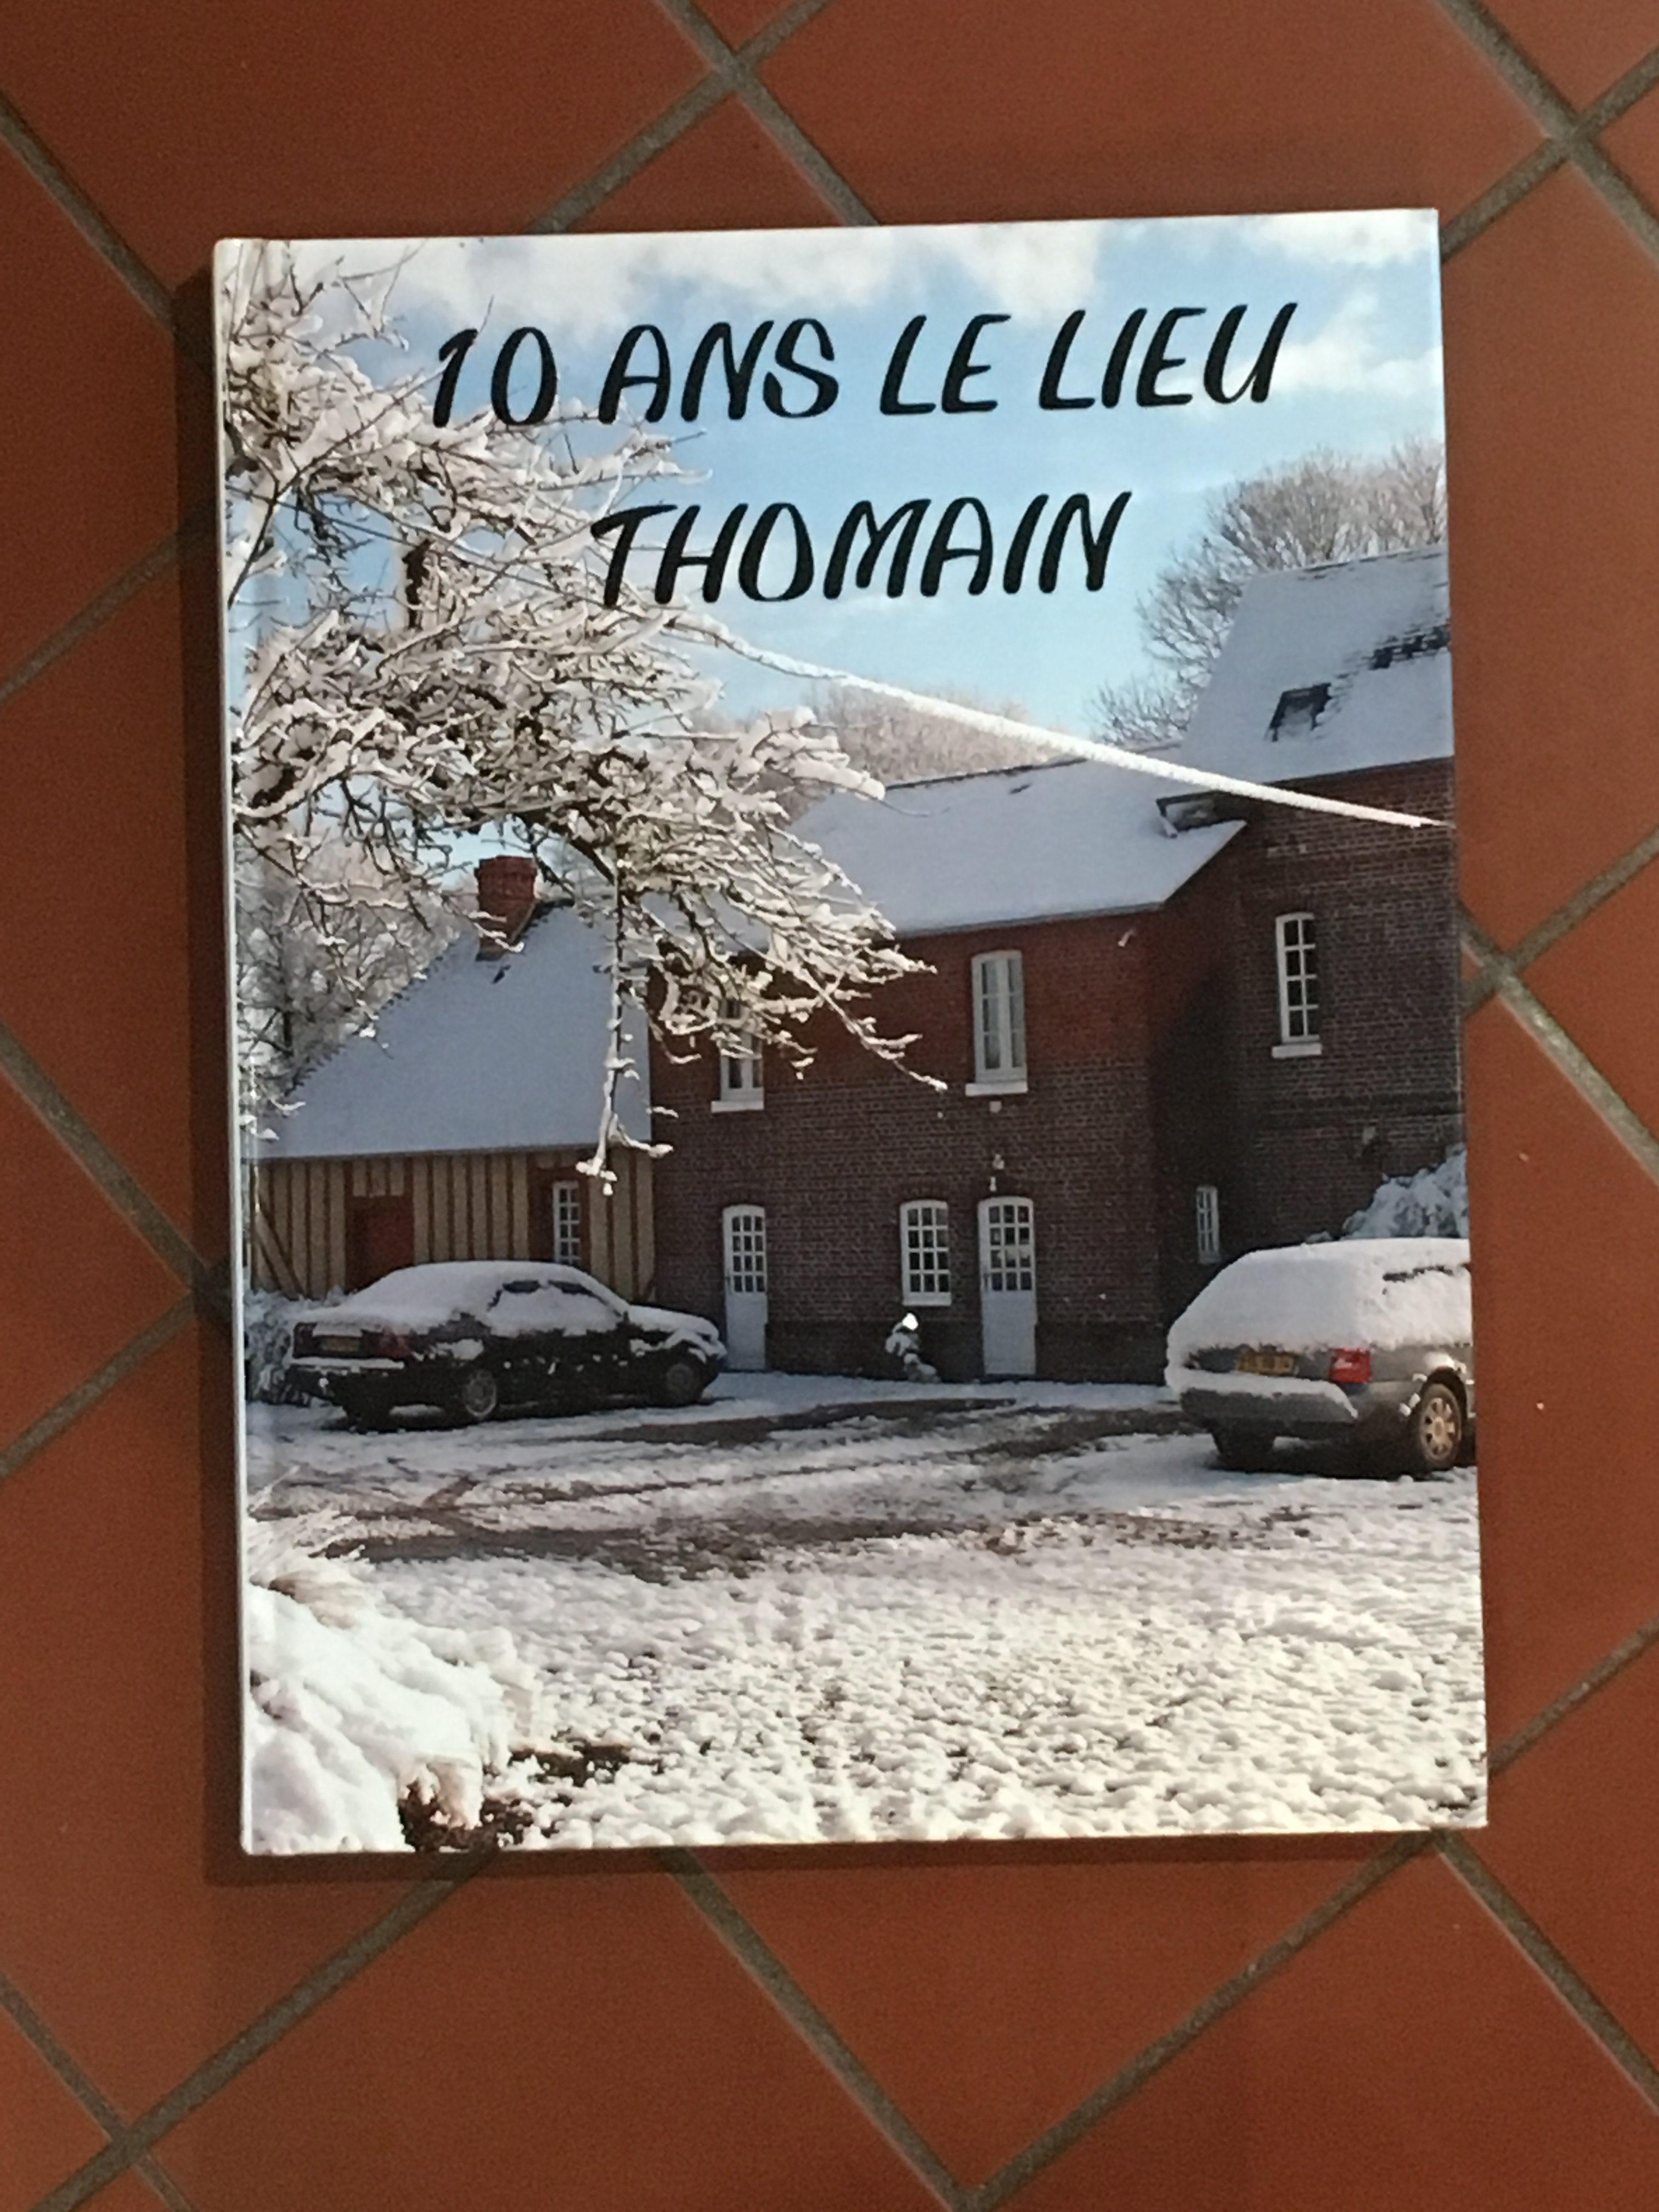 """2015; Alweer 10 jaar """"Lieu Thomain"""" op onze naam."""